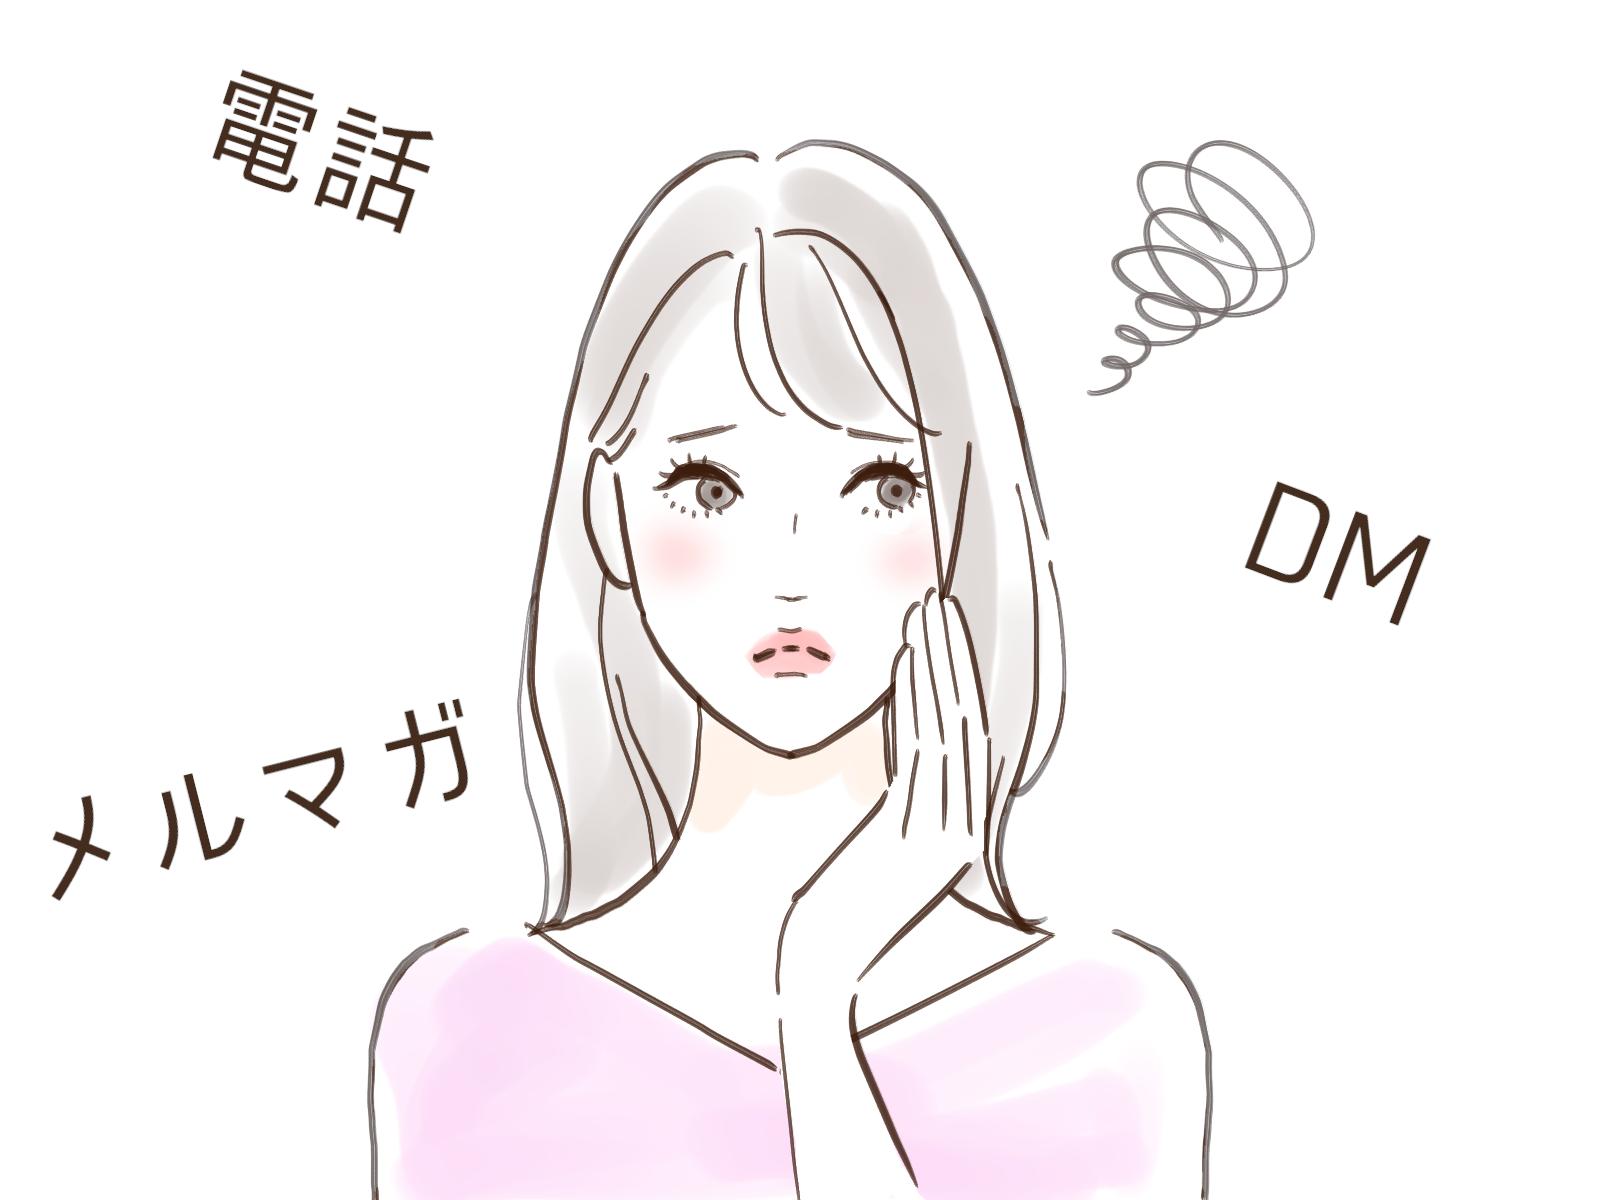 電話やメルマガ、DMに困る女性のイラスト